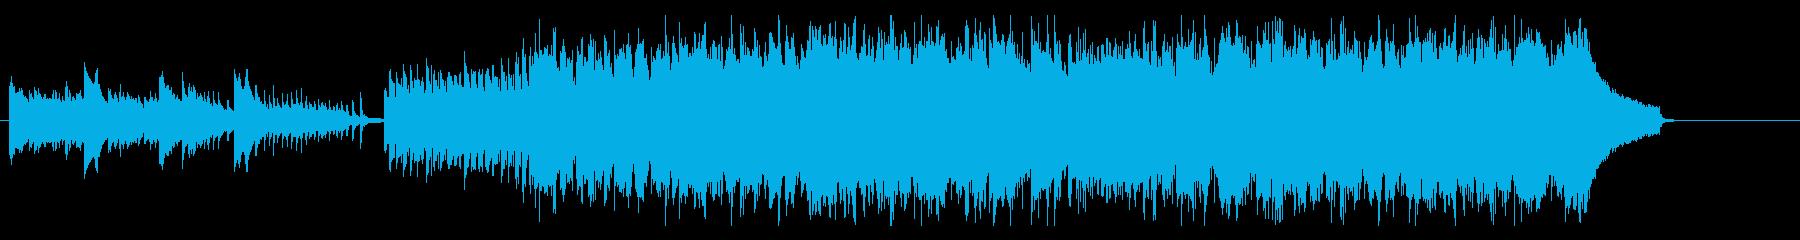 ピアノとフルートが特徴のジャズポップスの再生済みの波形